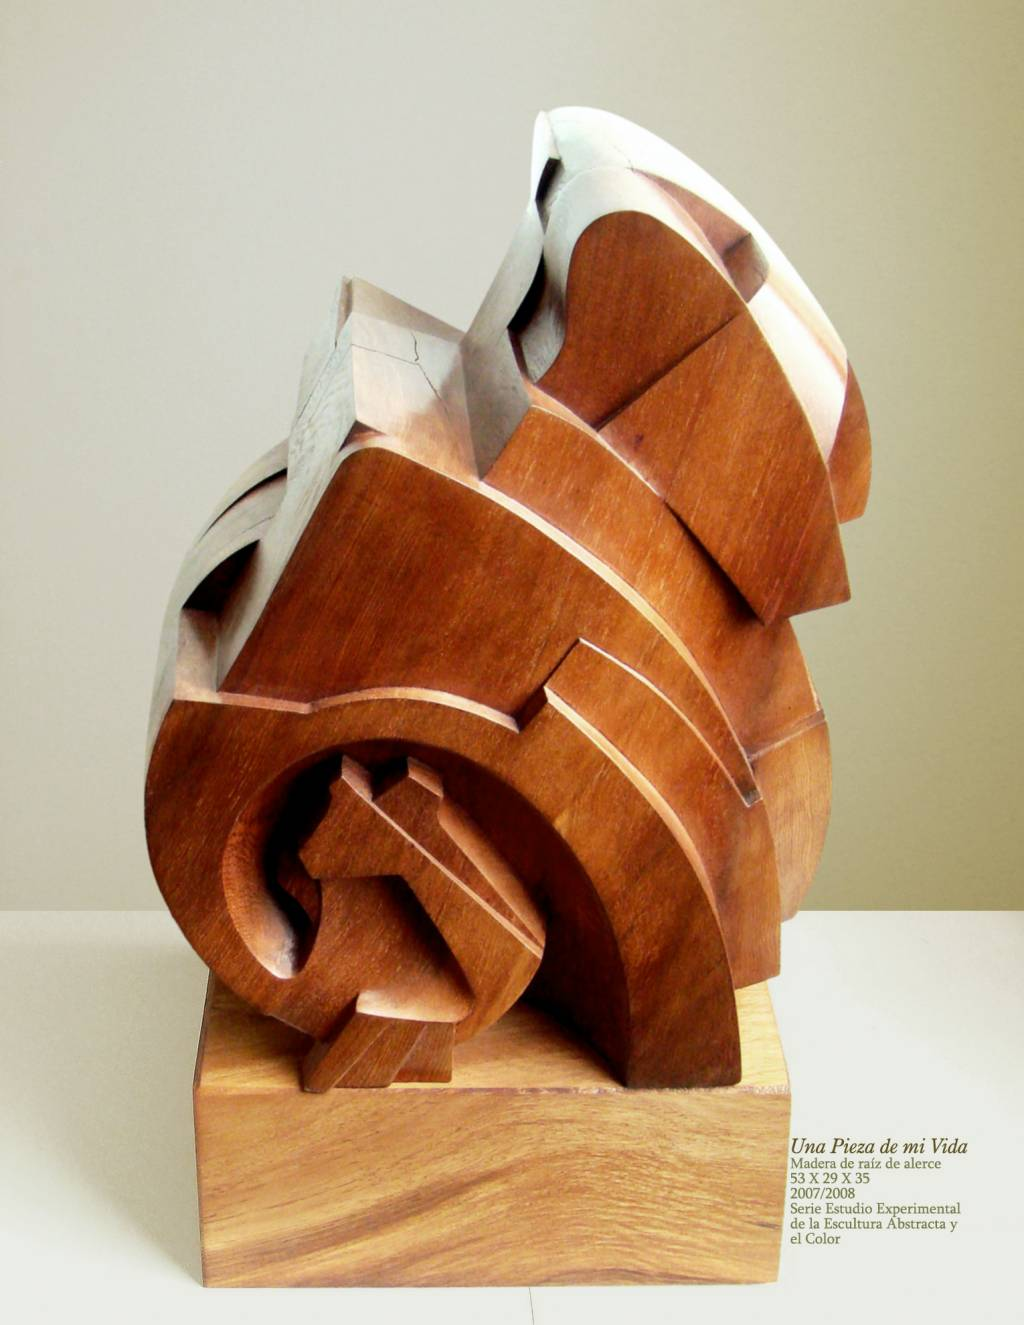 Una pieza de mi vida miguel angel merino tapia - Esculturas de madera abstractas ...